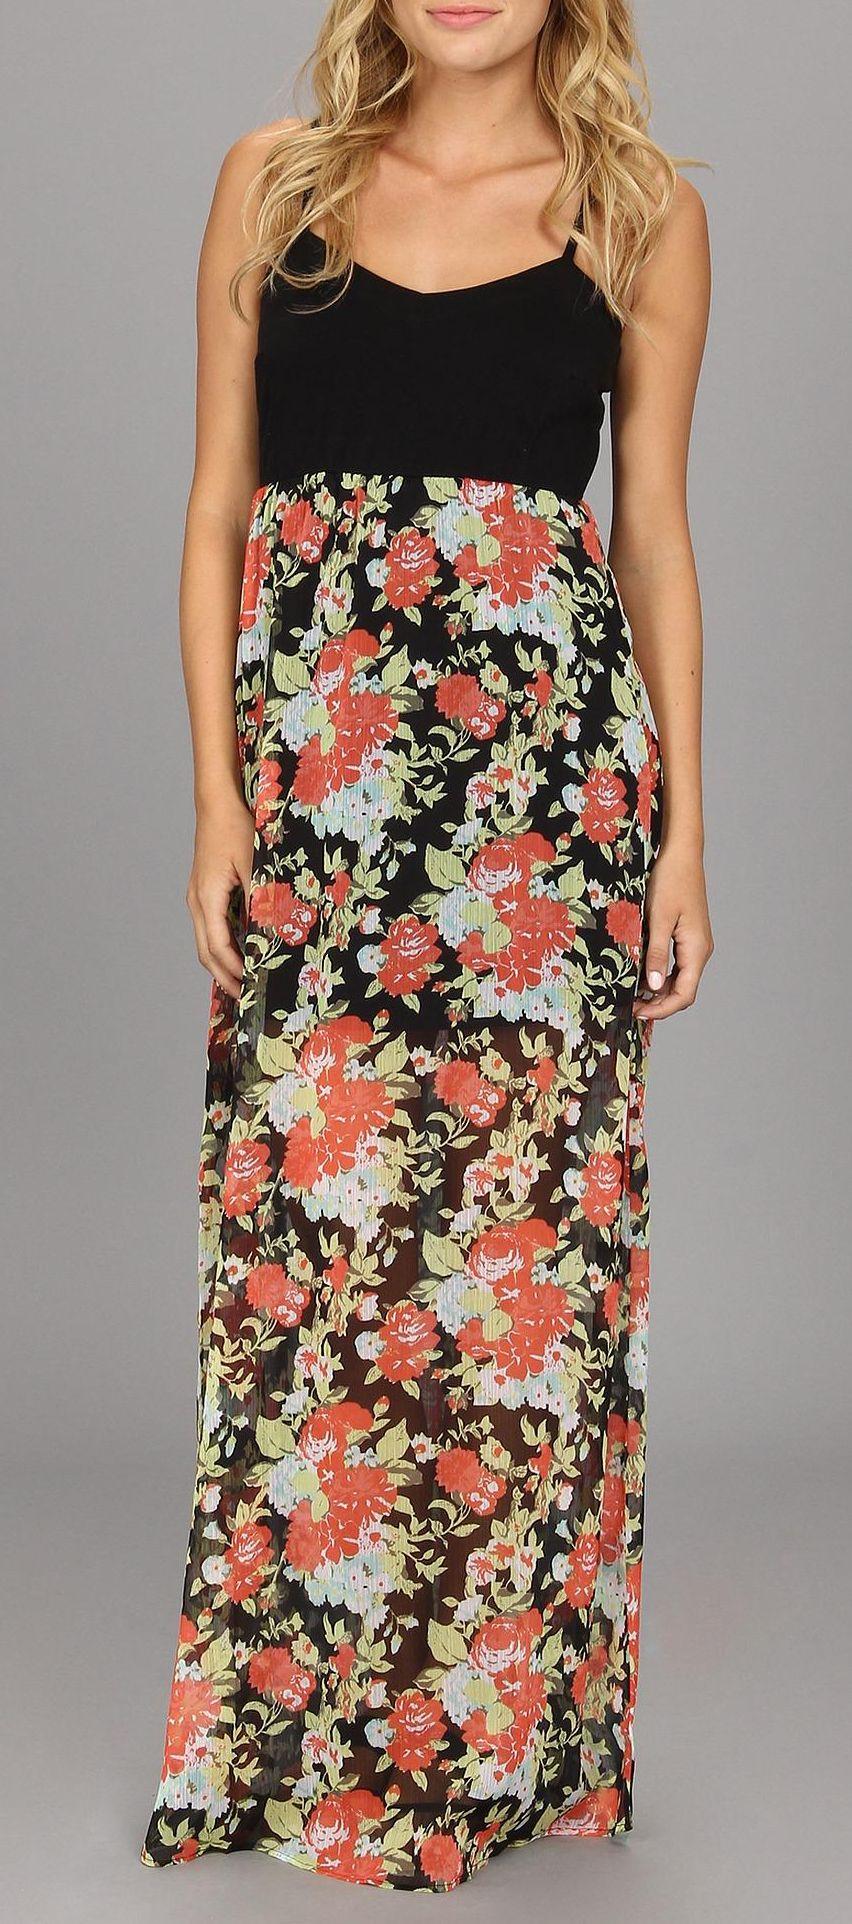 Pm rosebud maxi dress clothes pinterest maxi dresses clothes